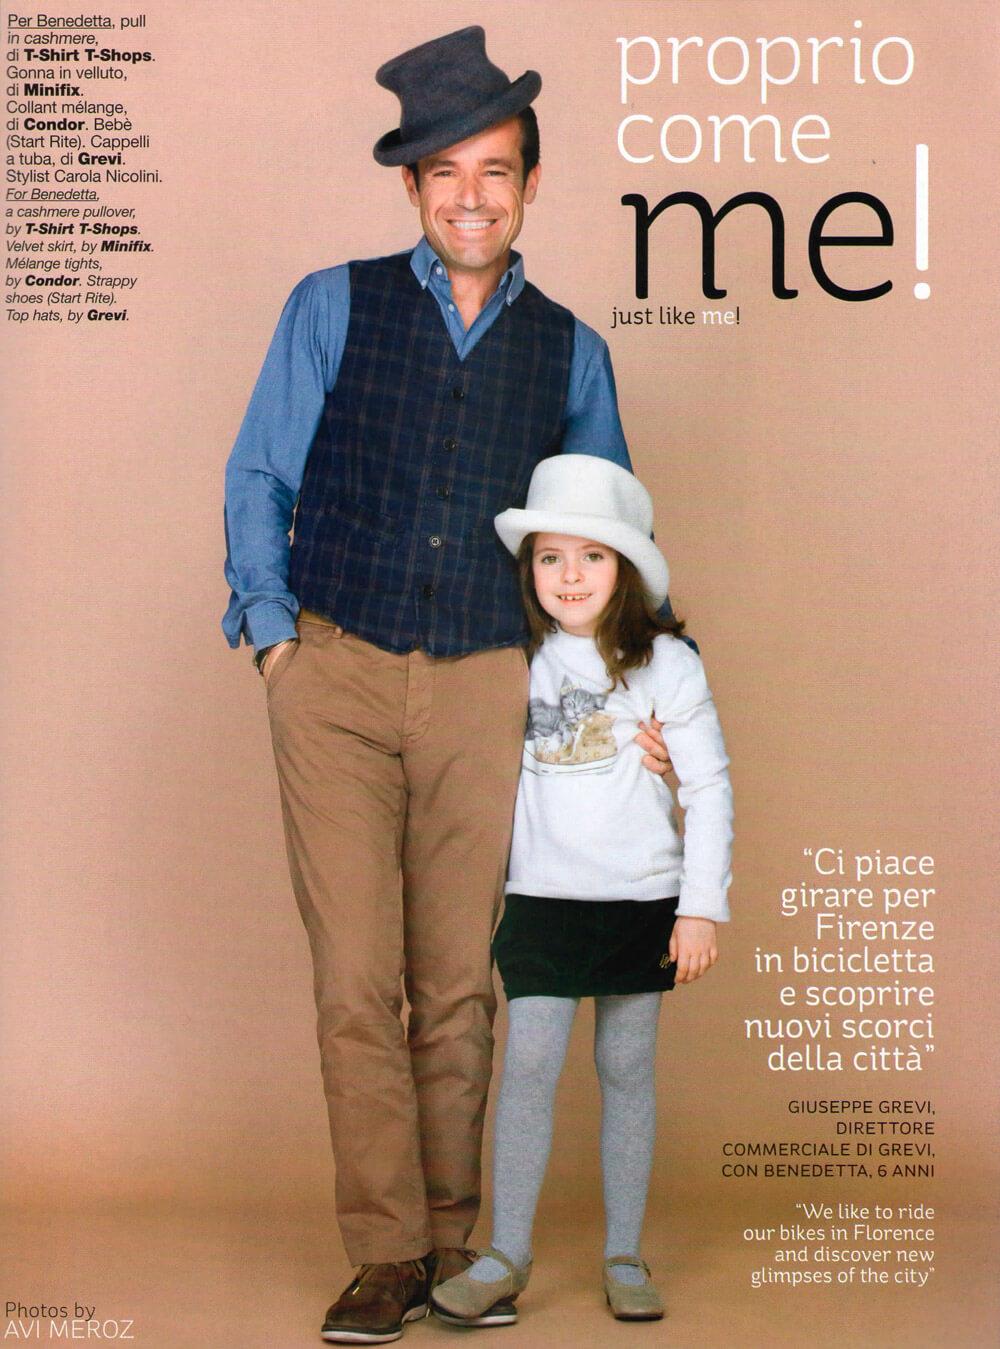 Vogue Bambini - 2011 - Giuseppe e Benedetta Grevi - cappelli a tuba Grevi